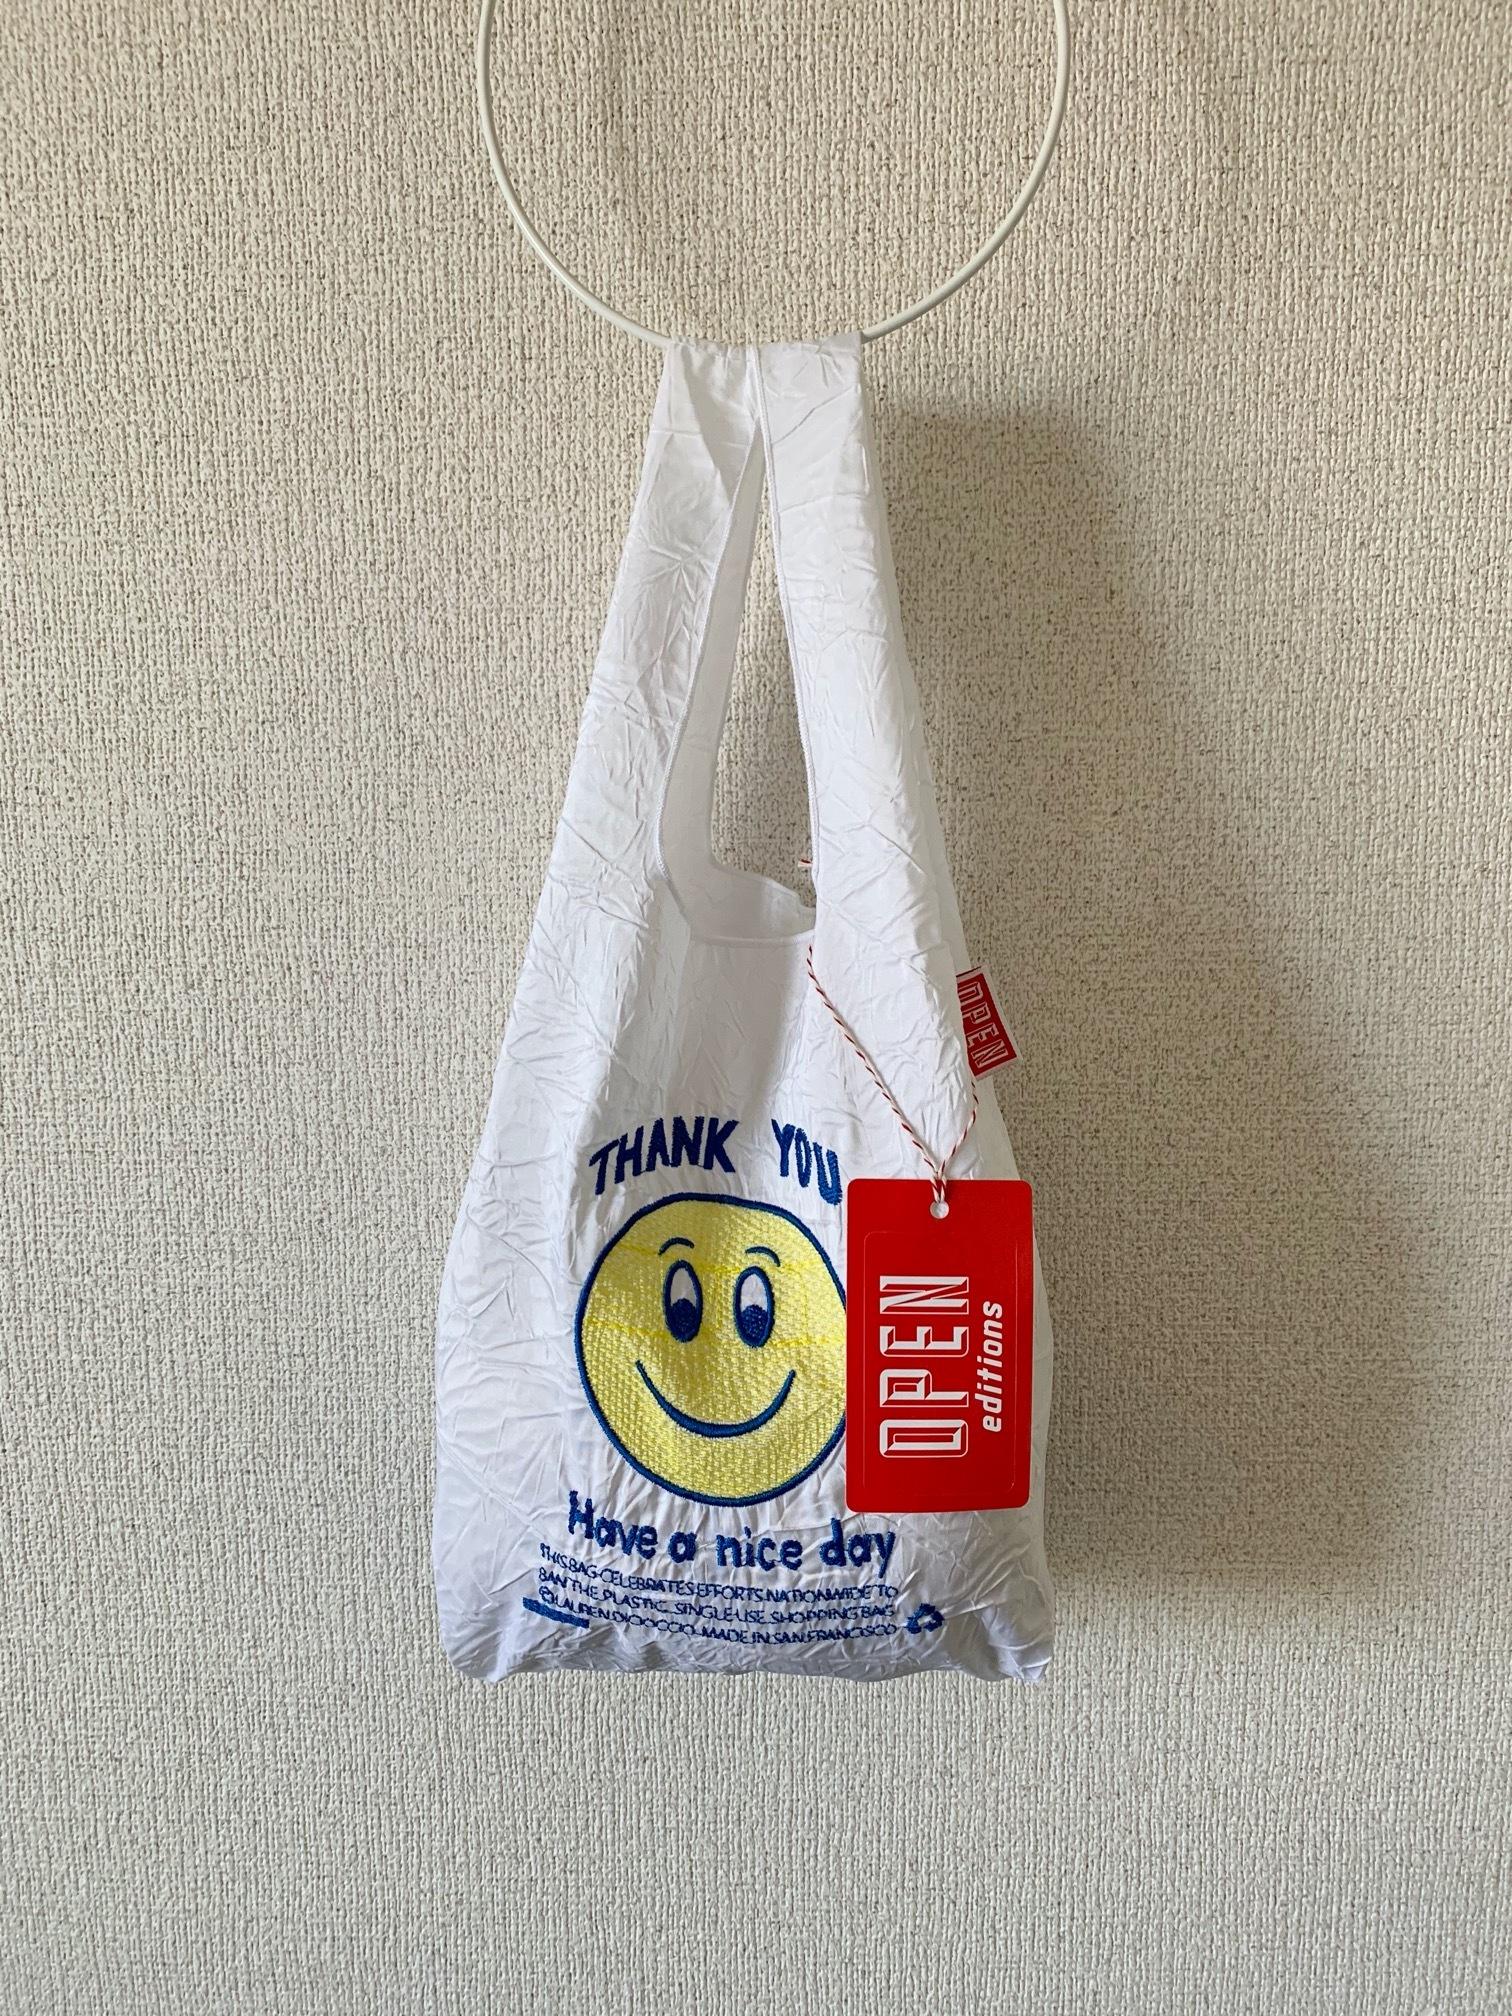 再入荷!【OPEN EDITIONS / 送料無料】THANK YOU MINI エコバッグ/ SMILE White